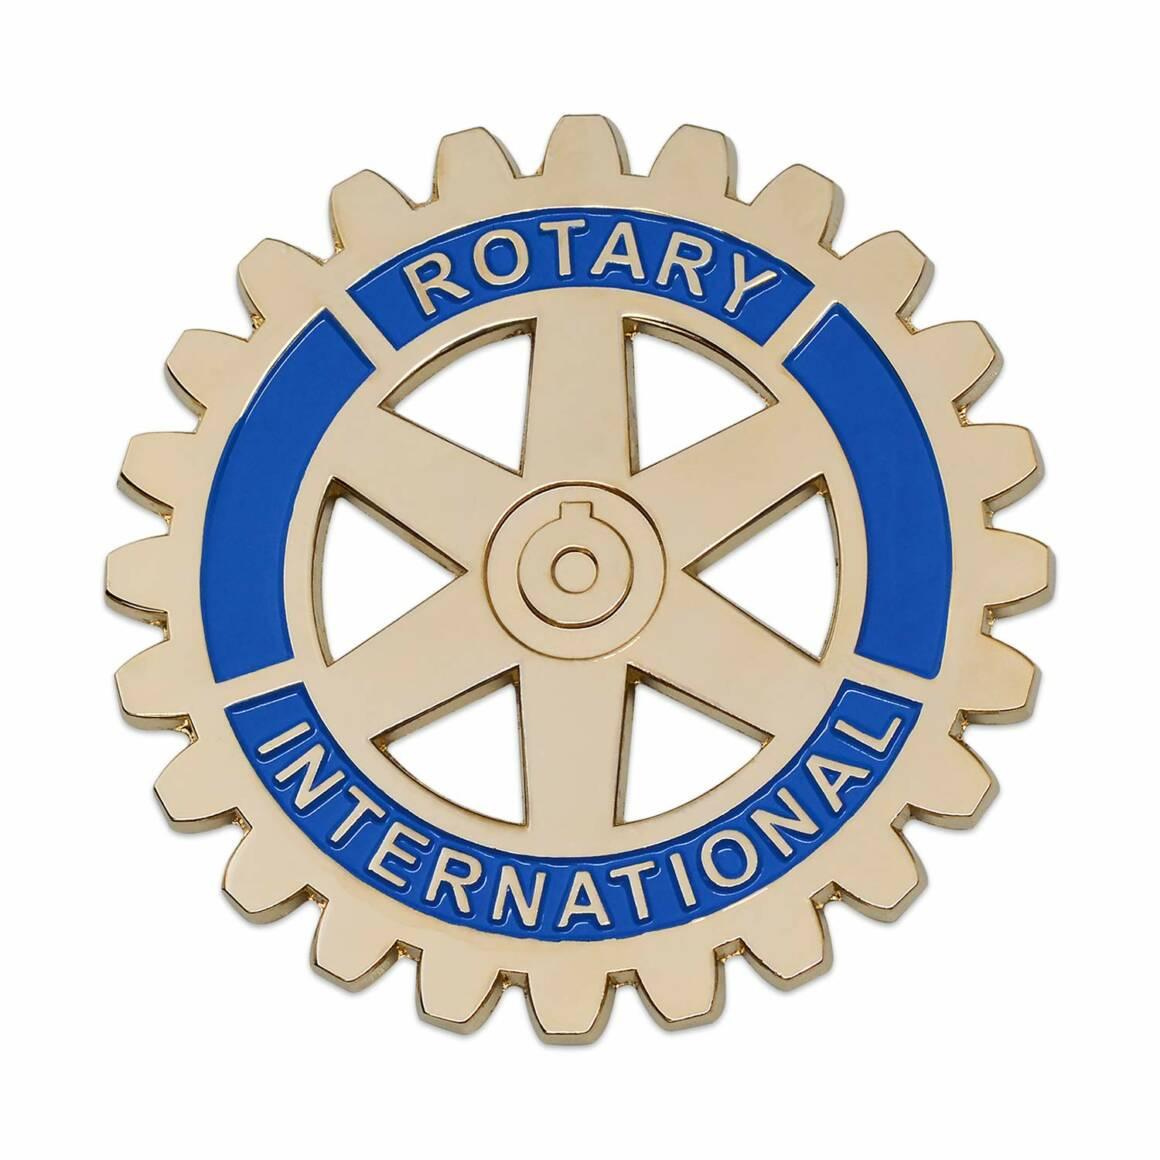 il rotary attiva un call center assistenza covid 19 tel 02 8498 8498 1160x1160 - Il Rotary attiva un CALL CENTER. Assistenza Covid-19. tel. 02 8498 8498